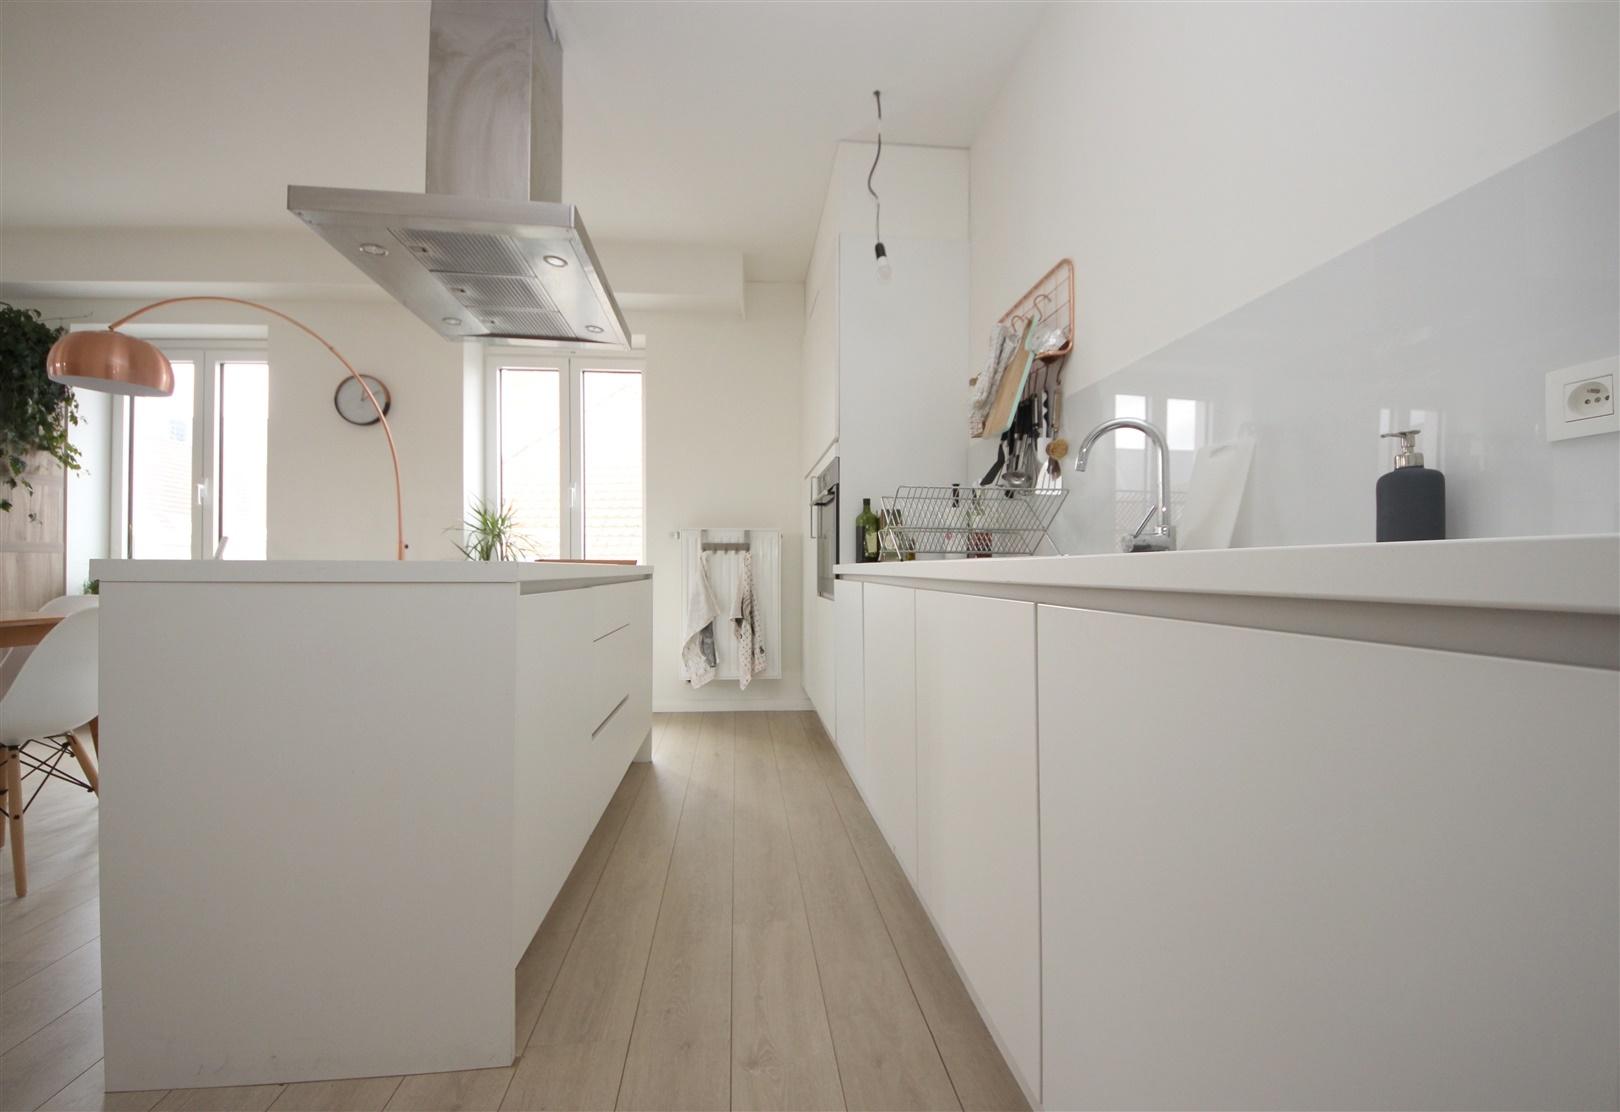 Prachtig gerenoveerd appartement met 2 slaapkamers én 2 badkamers